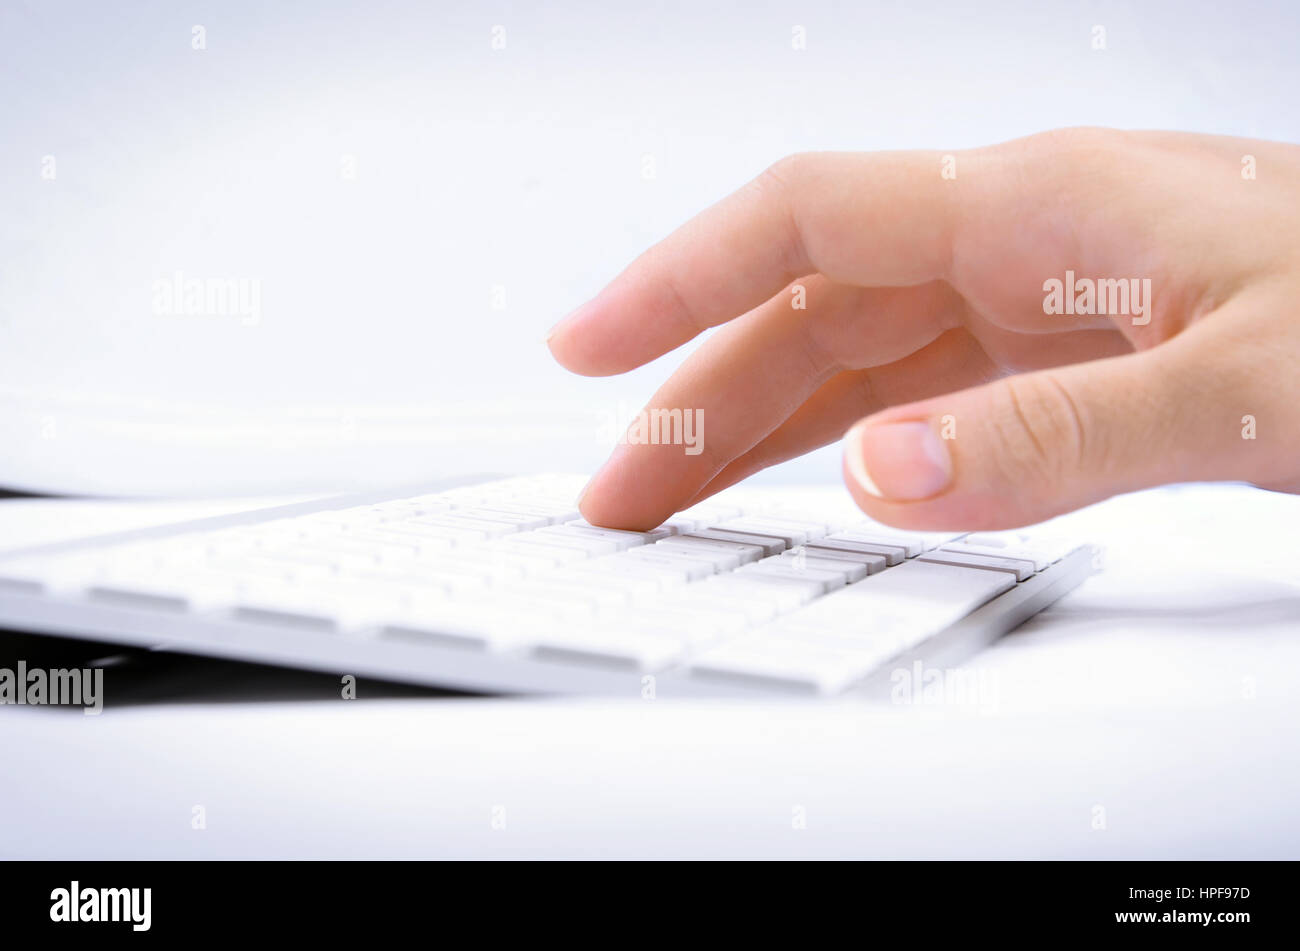 Mano de mujer escribiendo en el teclado del ordenador. Imagen puede ...